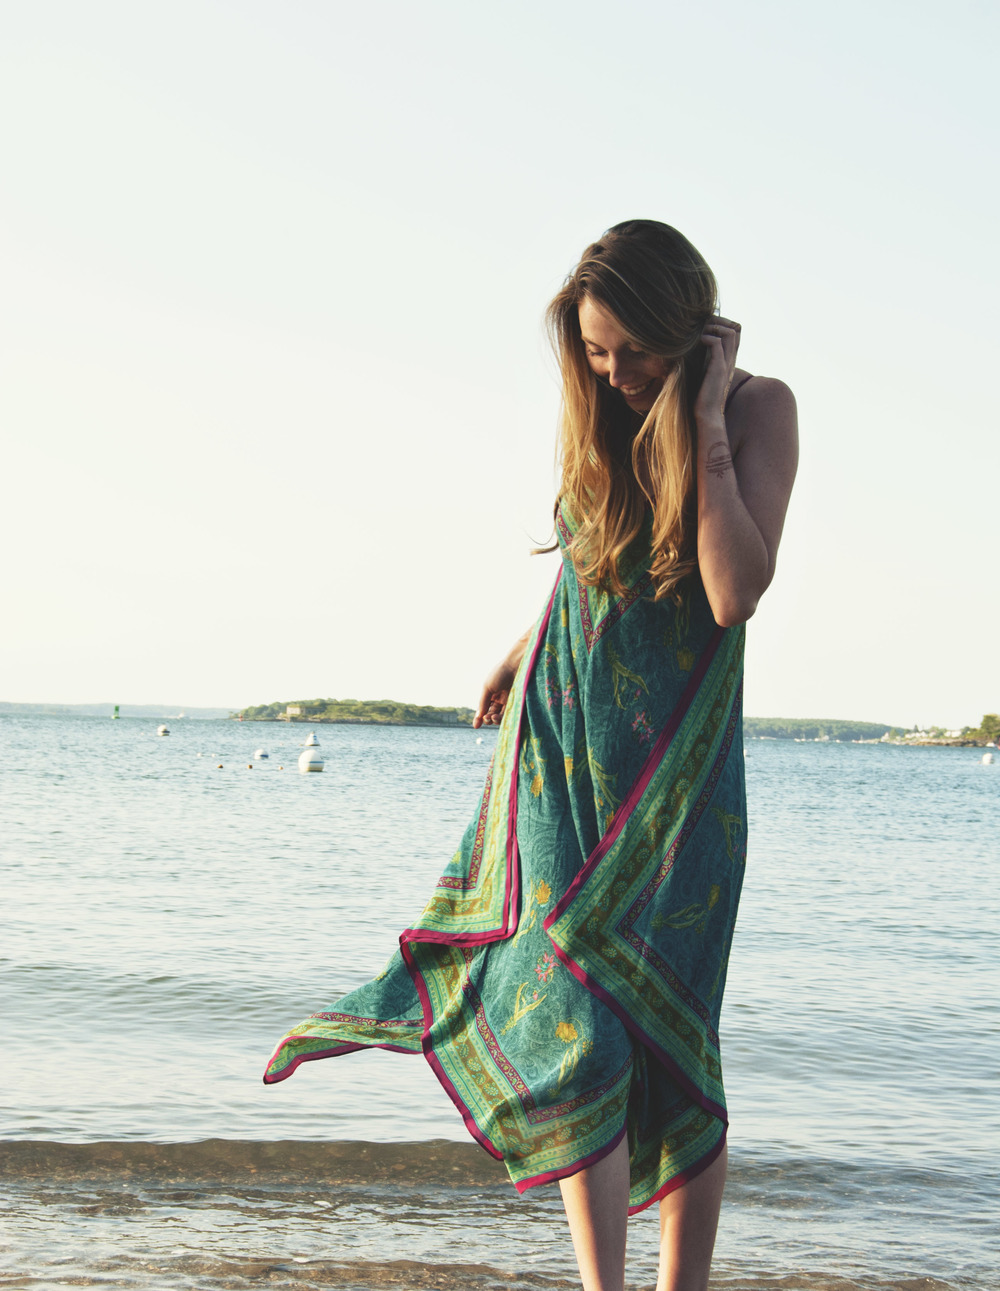 Breezy Anthropologie Scarf Dress (via Girl x Garment)